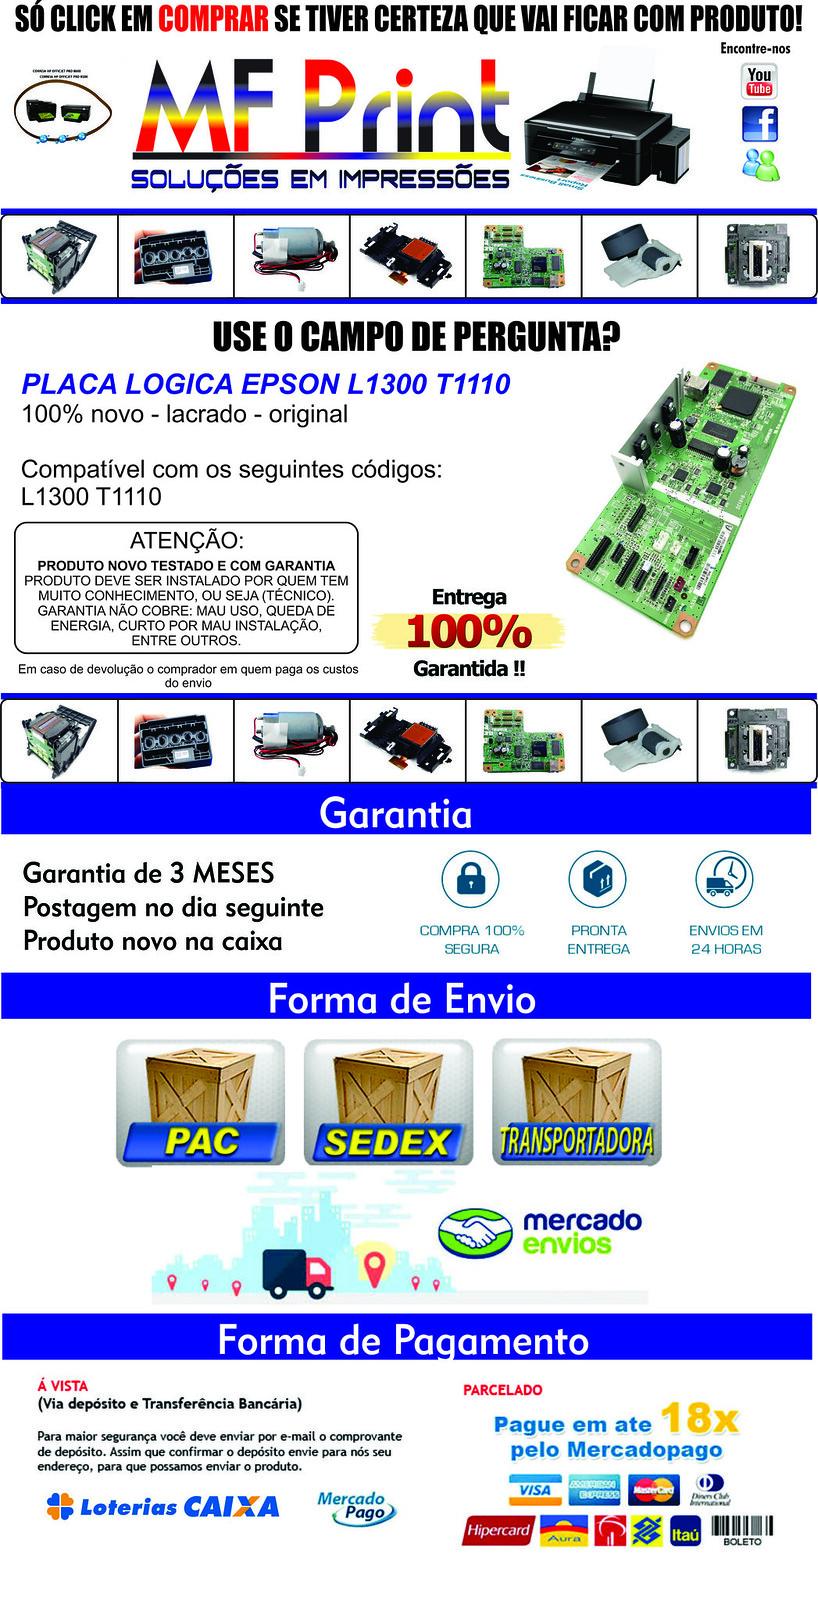 Placa Logica Original Epson L1300 em Jacobina